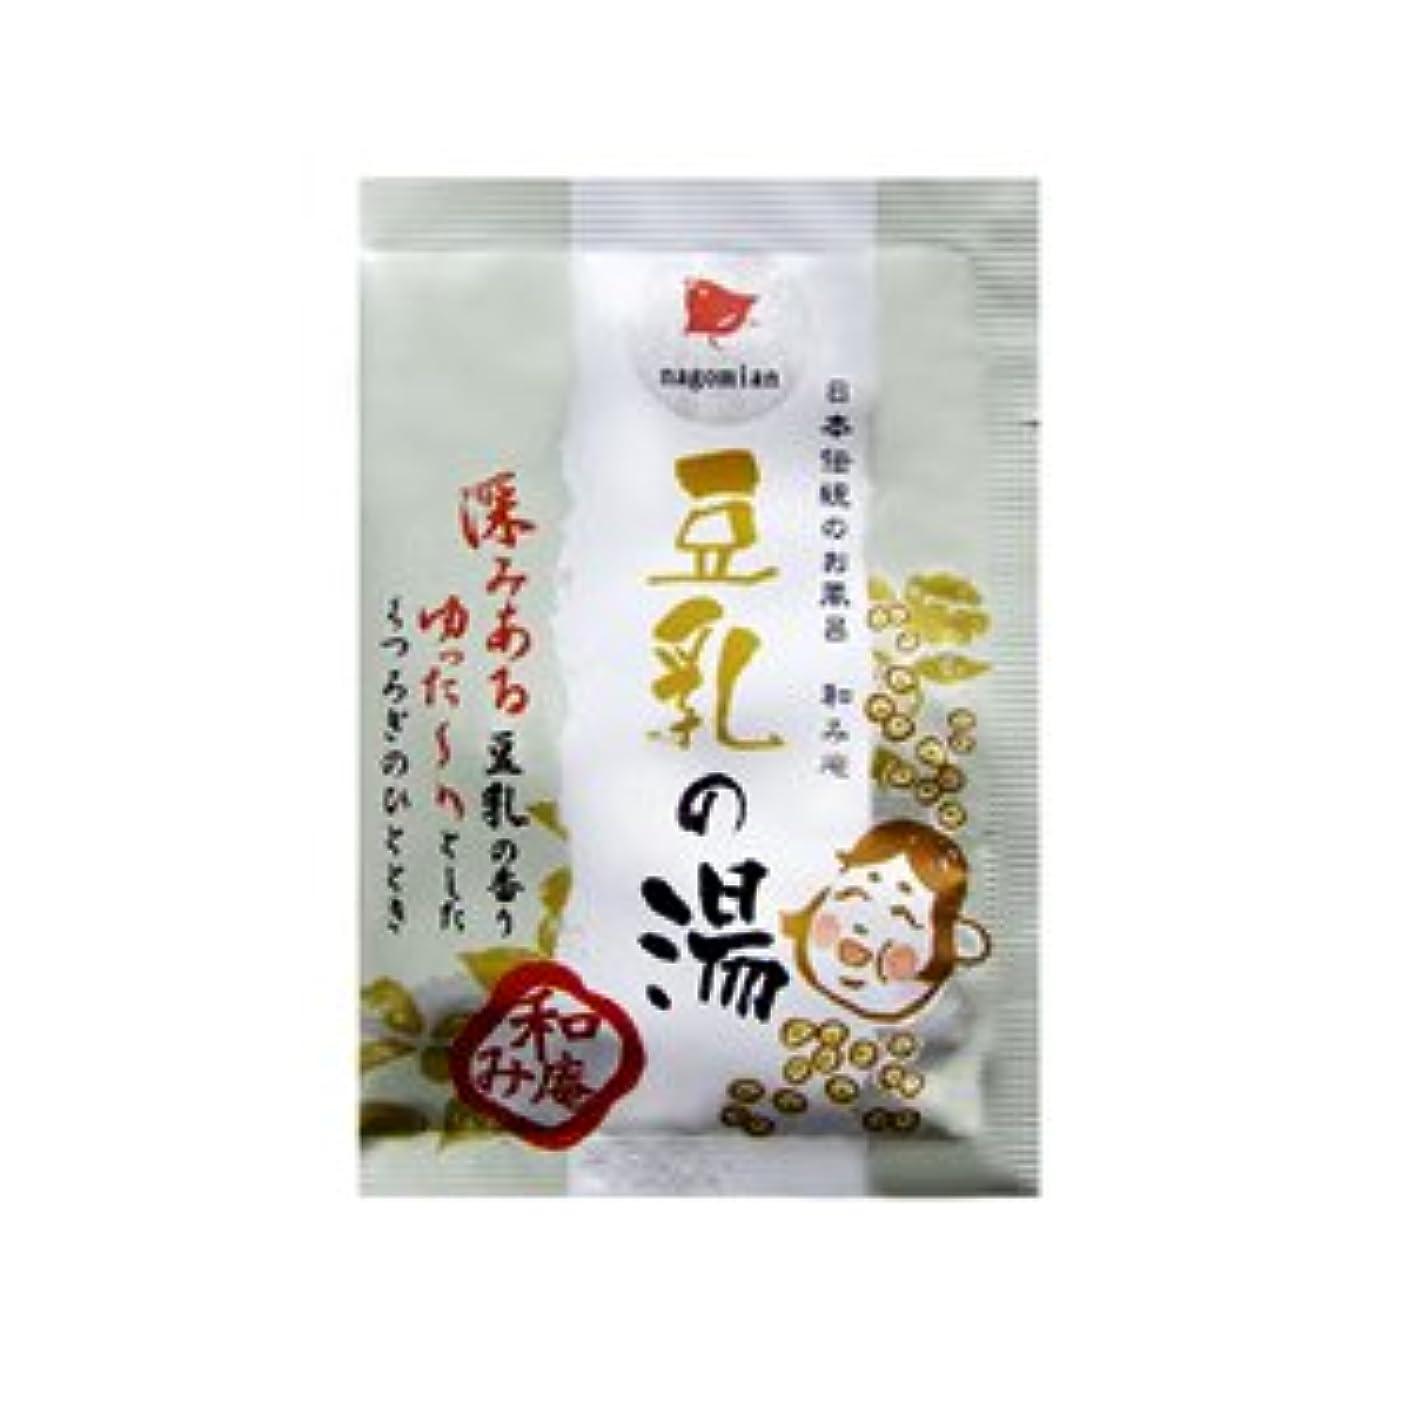 絶滅させる国籍嫌な日本伝統のお風呂 和み庵 豆乳の湯 25g 10個セット